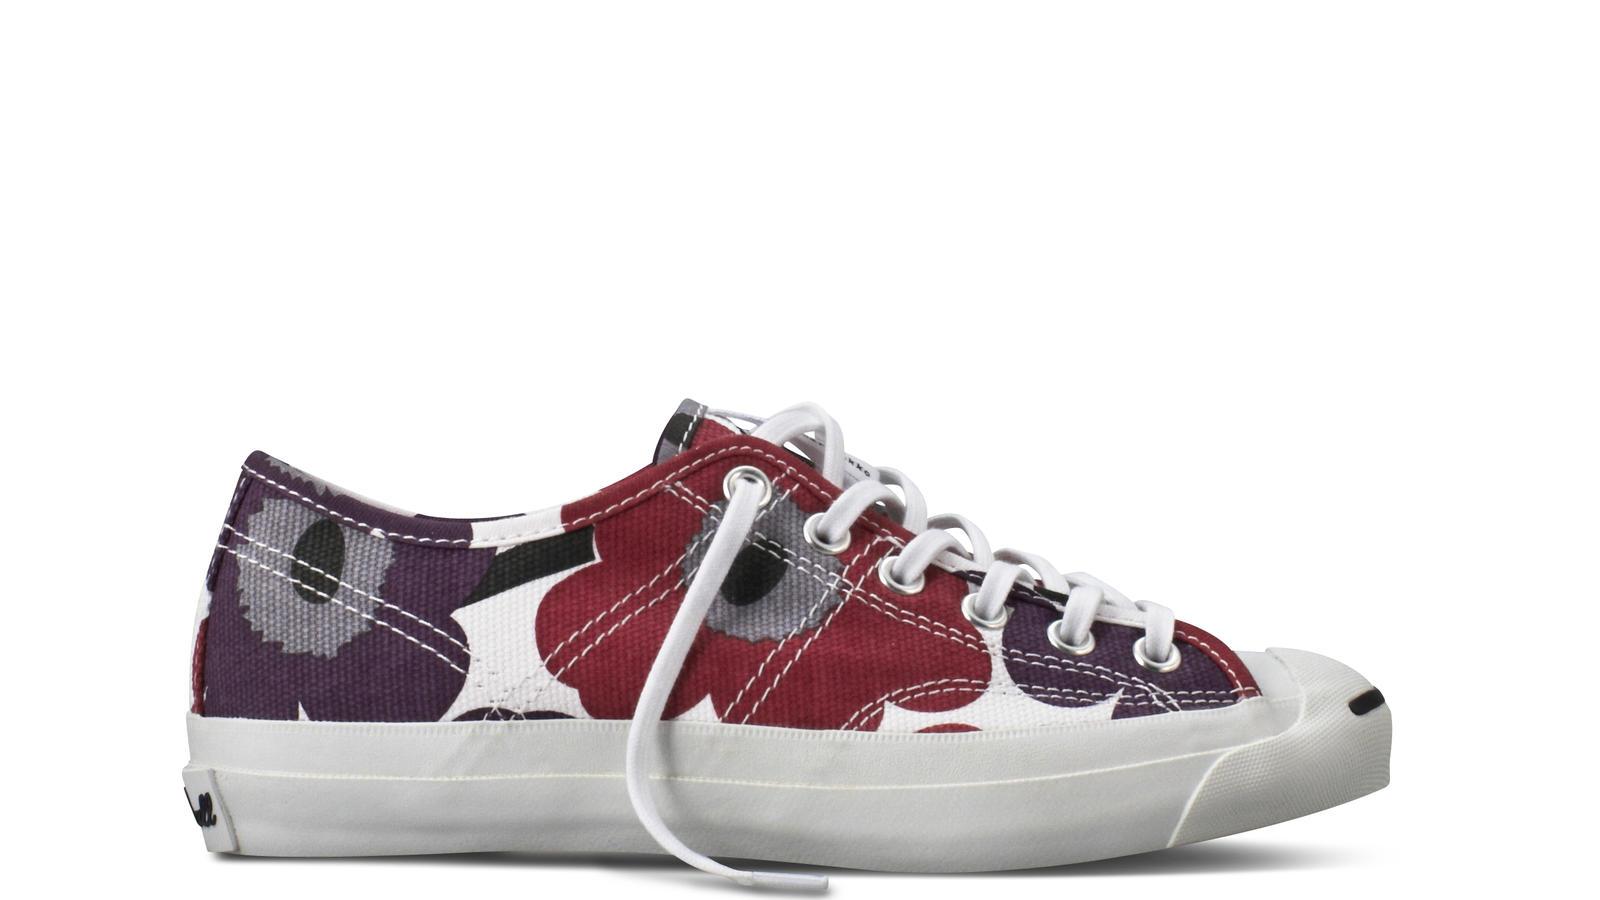 Converse launches Holiday 2011 Converse ♥ Marimekko collection ... 0bec10fe3968